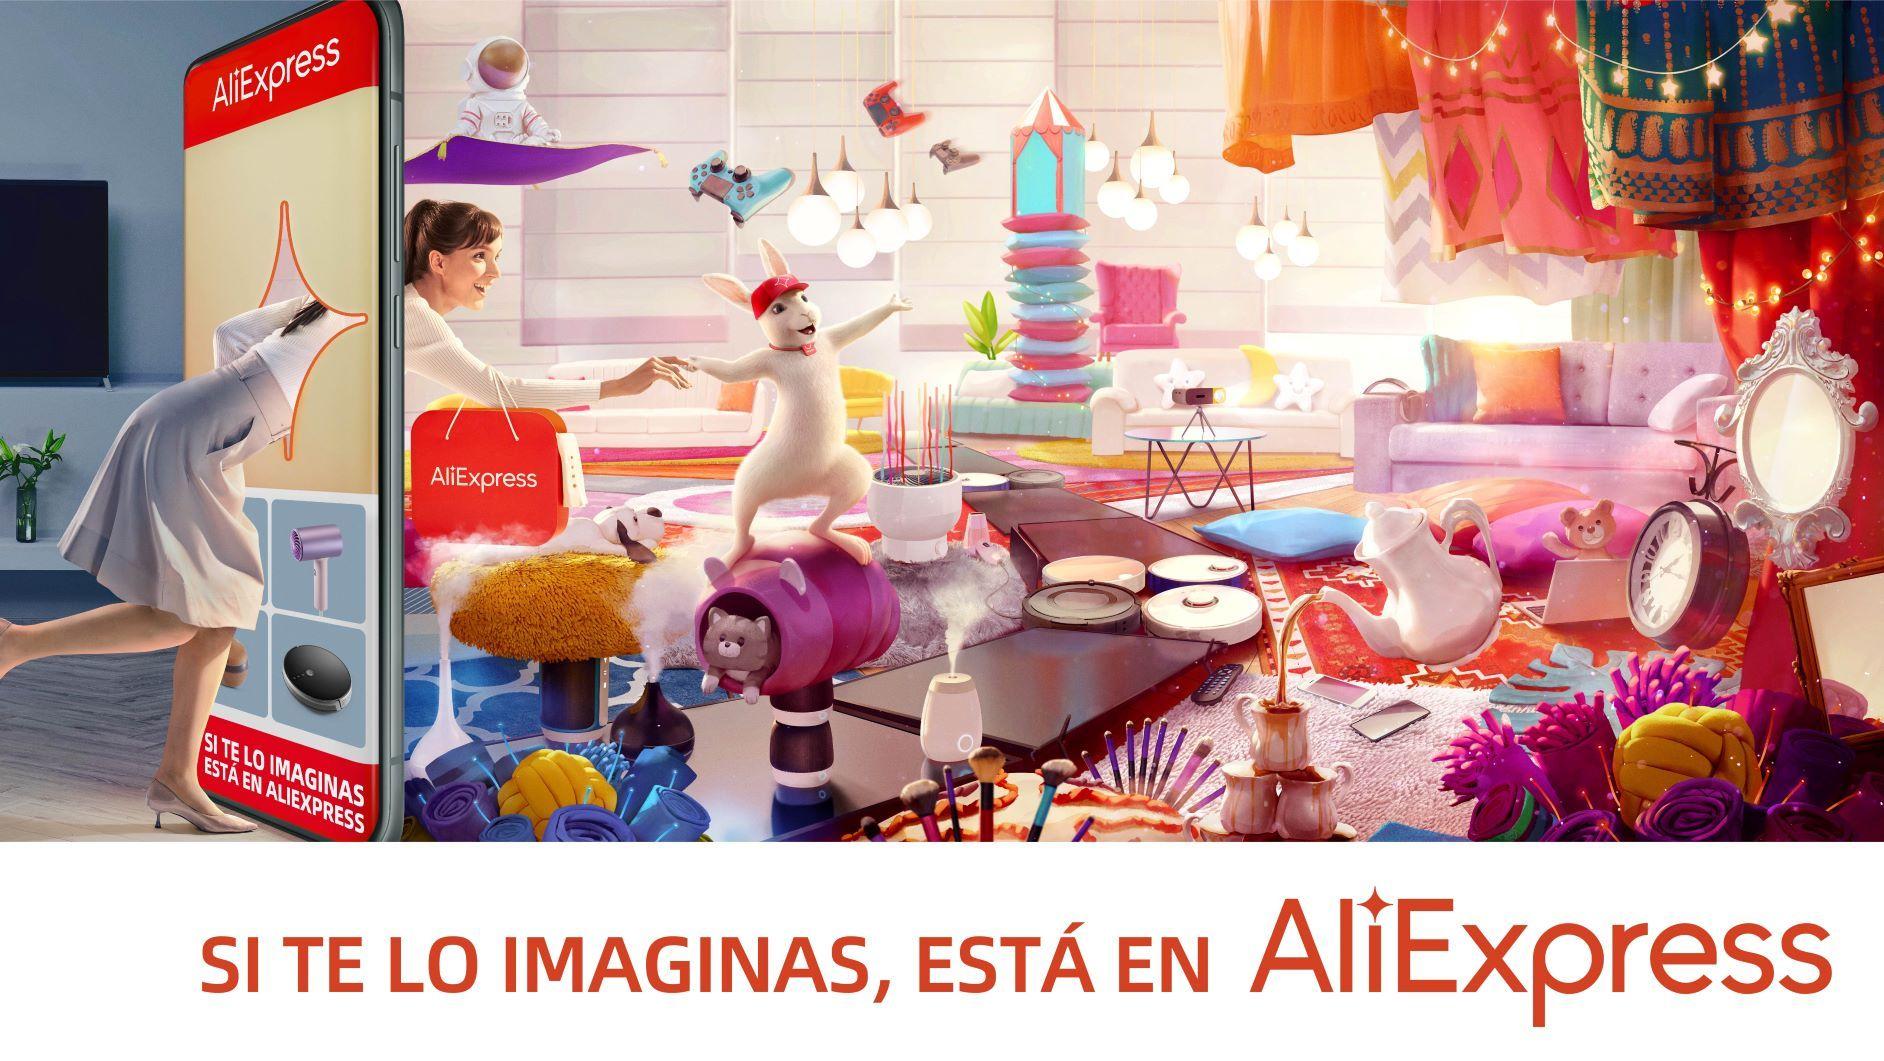 Tecnología aplicada al ocio y entretenimiento en familia, al alza en hogares españoles, según Aliexpress